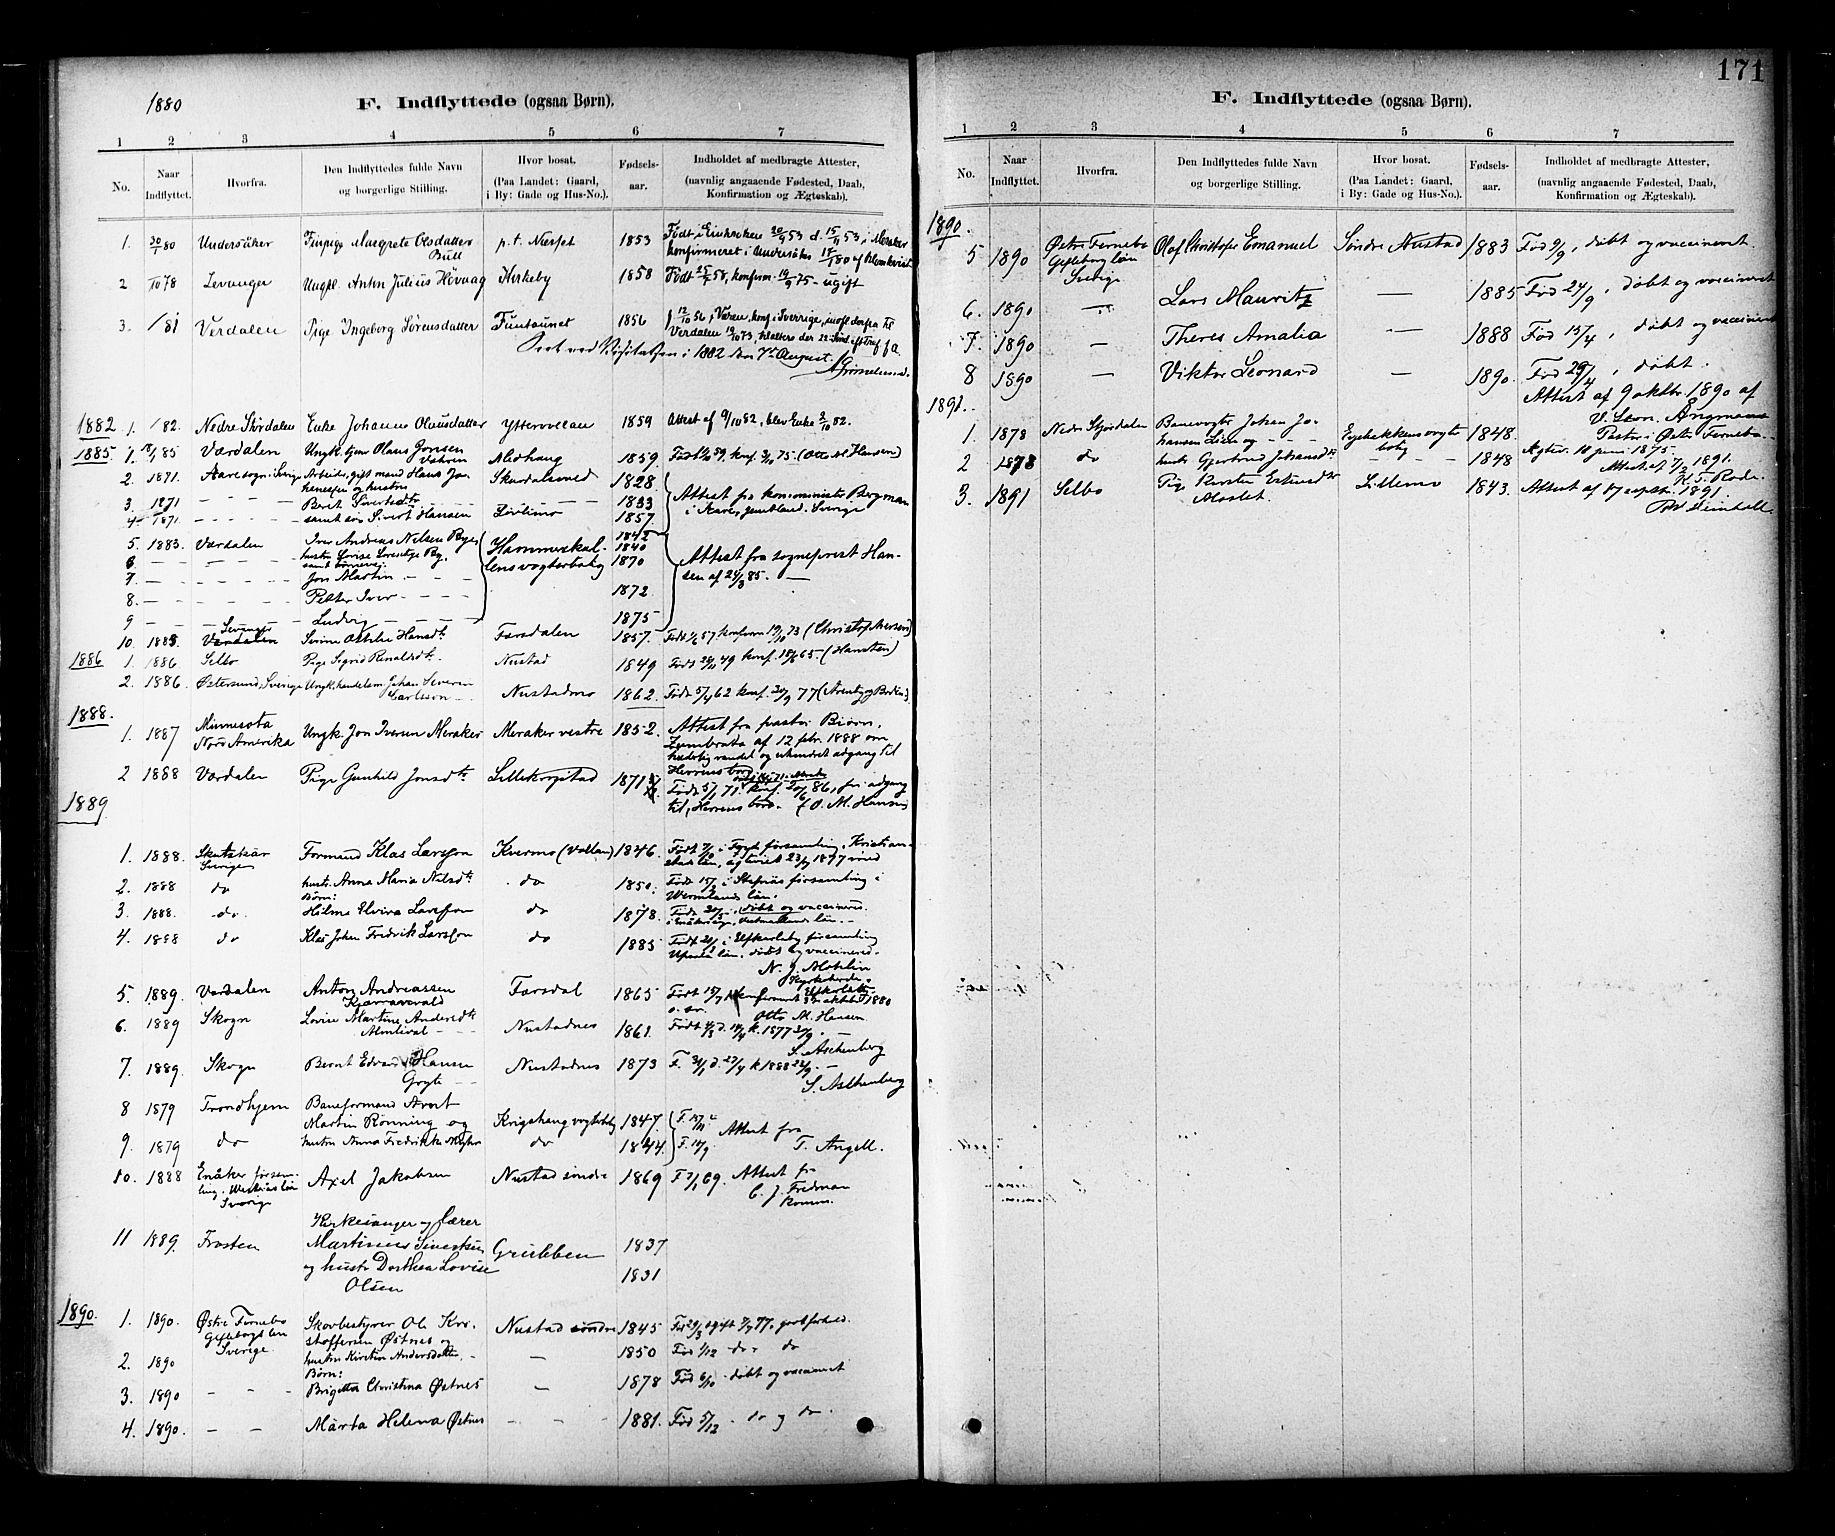 SAT, Ministerialprotokoller, klokkerbøker og fødselsregistre - Nord-Trøndelag, 706/L0047: Ministerialbok nr. 706A03, 1878-1892, s. 171